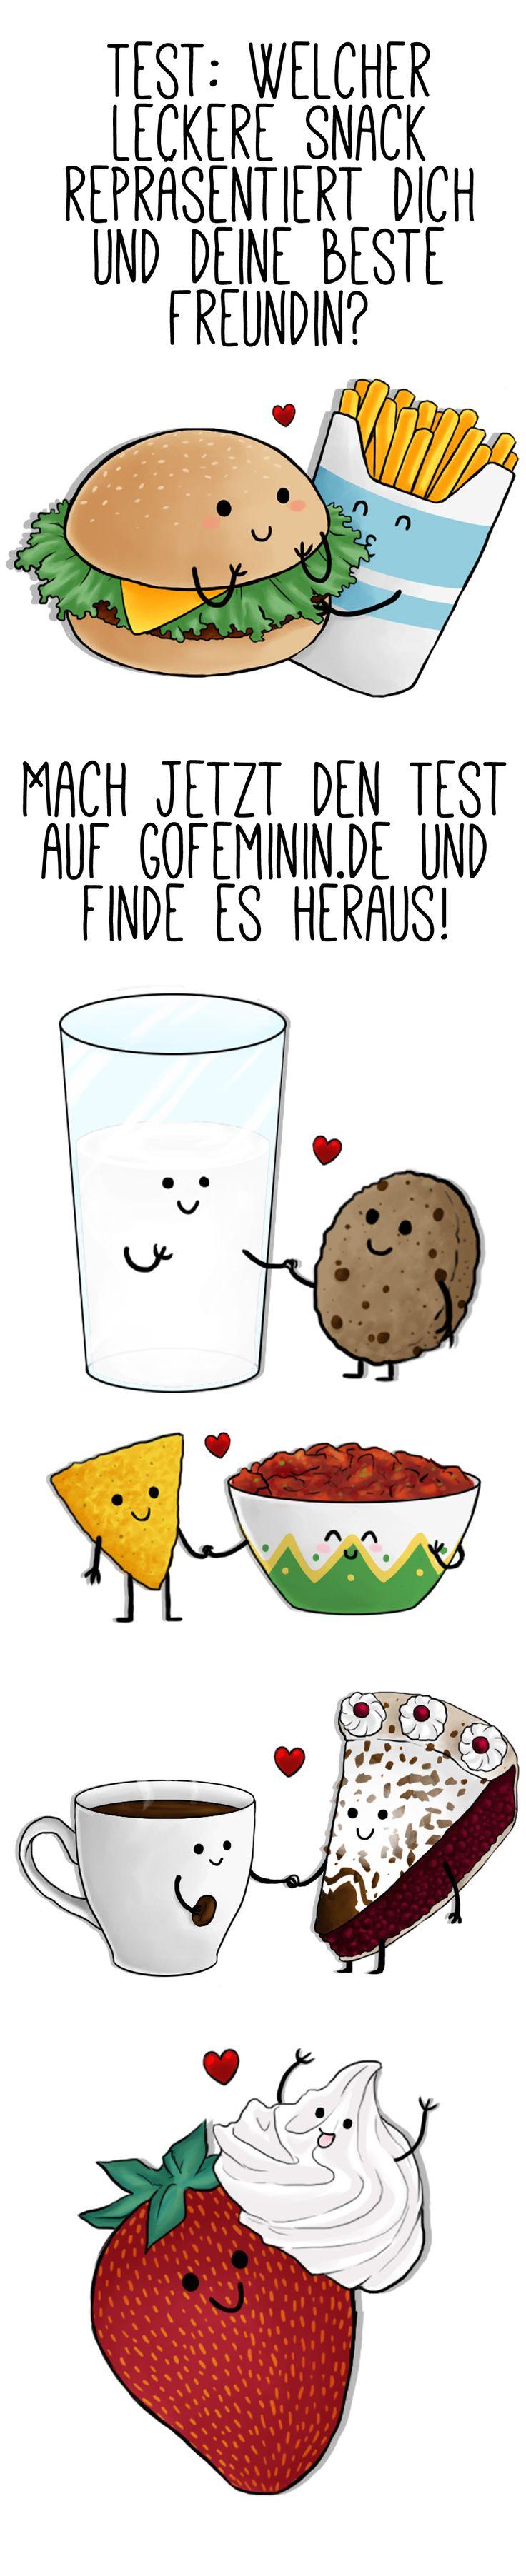 Mach unseren Persönlichkeitstest und wir verraten dir, welcher leckere Snack deine beste Freundin und dich am besten symbolisiert. Klick einfach HIER: http://www.gofeminin.de/beliebt-im-netz/welcher-snack-sind-du-und-deine-bff-s1491909.html